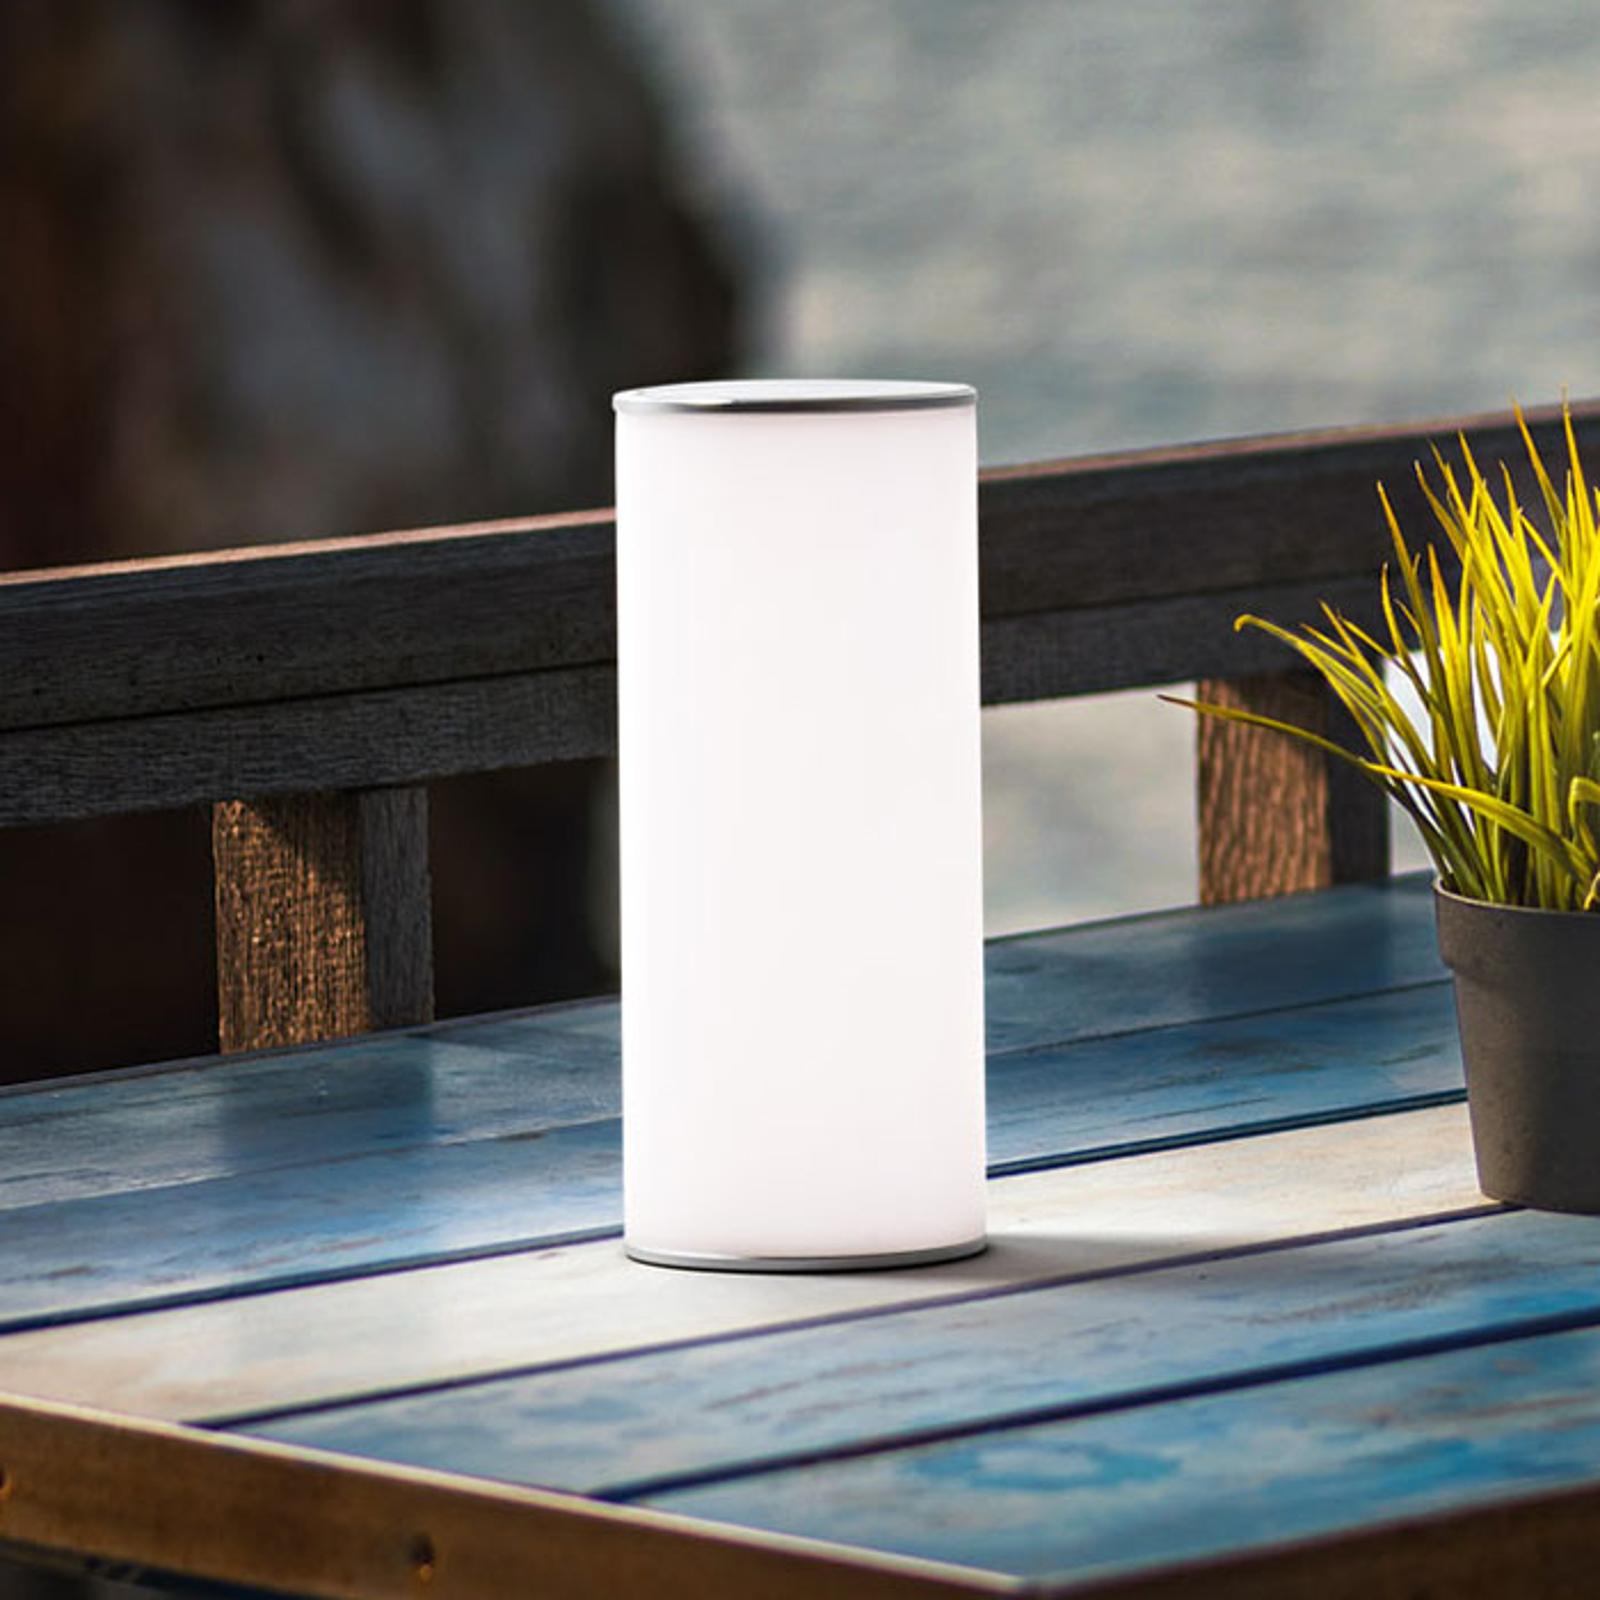 LED-Tischlampe Thalia mit reversiblem Licht, weiß